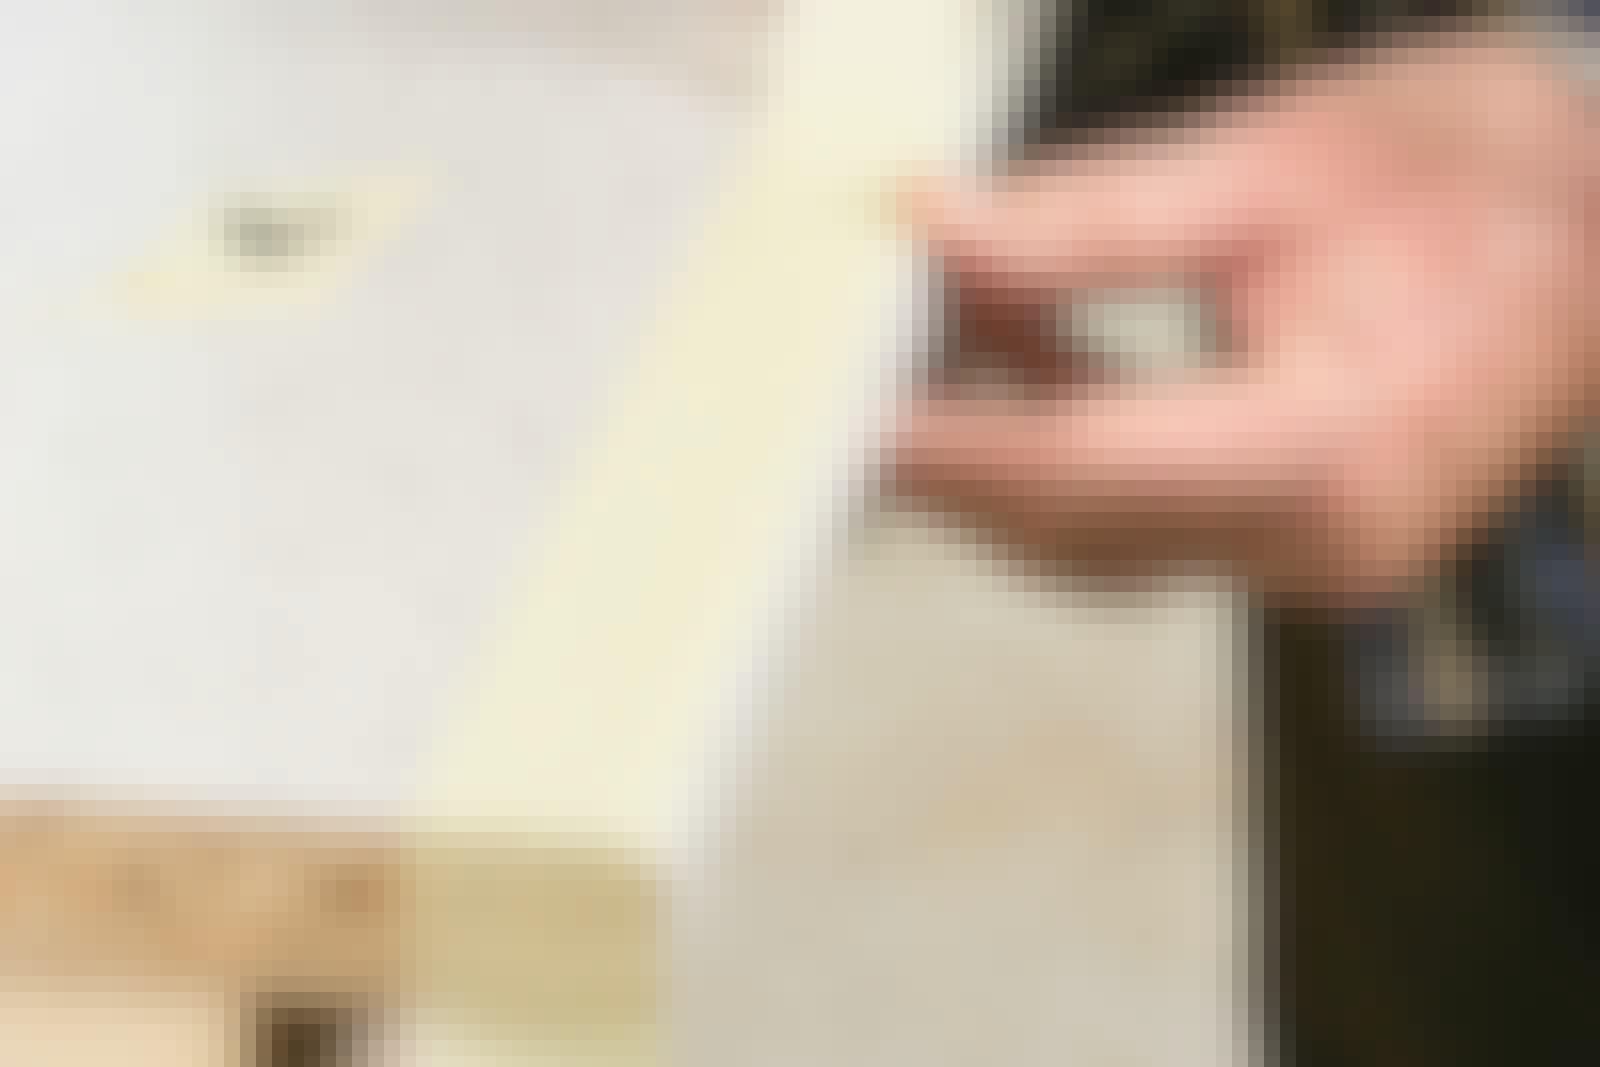 Det kan være vanskelig å unngå at laminatplaten fliser seg opp når du sager i den. Men setter du en teipbit på oversiden av platen, der snittet skal legges, og samtidig sager fra undersiden med en stikksag, får du et rent og pent sagsnitt.